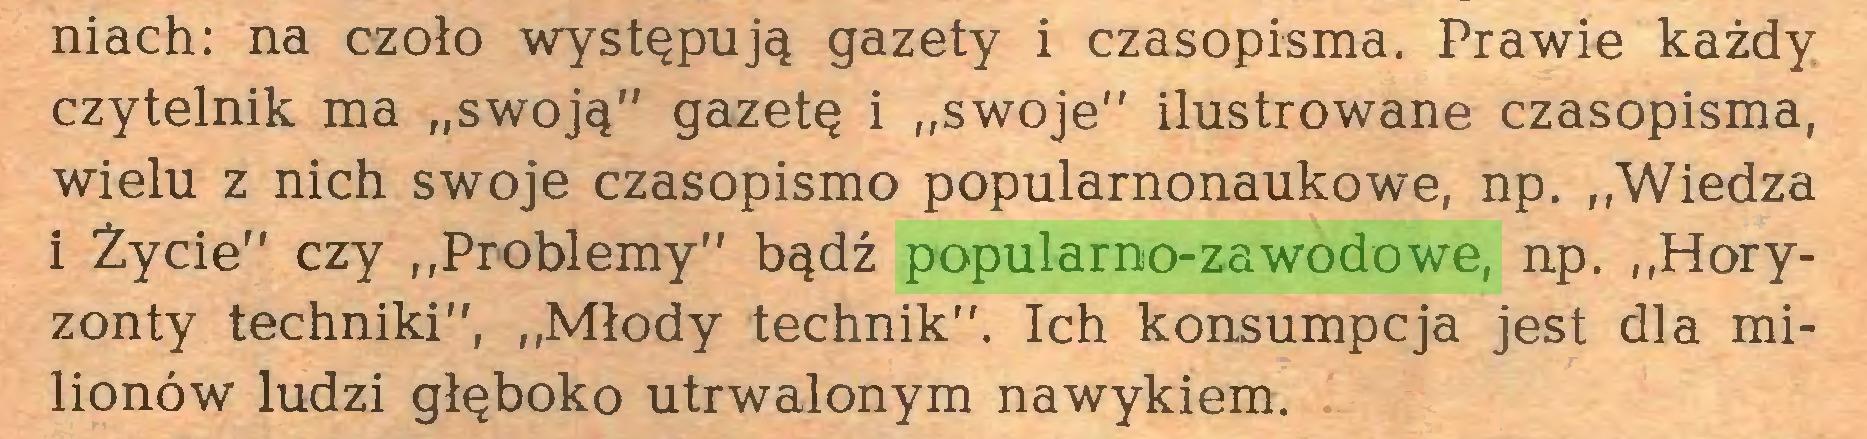 """(...) niach: na czoło występują gazety i czasopisma. Prawie każdy czytelnik ma """"swoją"""" gazetę i """"swoje"""" ilustrowane czasopisma, wielu z nich swoje czasopismo popularnonaukowe, np. """"Wiedza i Życie"""" czy """"Problemy"""" bądź popularno-zawodowe, np. """"Horyzonty techniki"""", """"Młody technik"""". Ich konsumpcja jest dla milionów ludzi głęboko utrwalonym nawykiem..."""